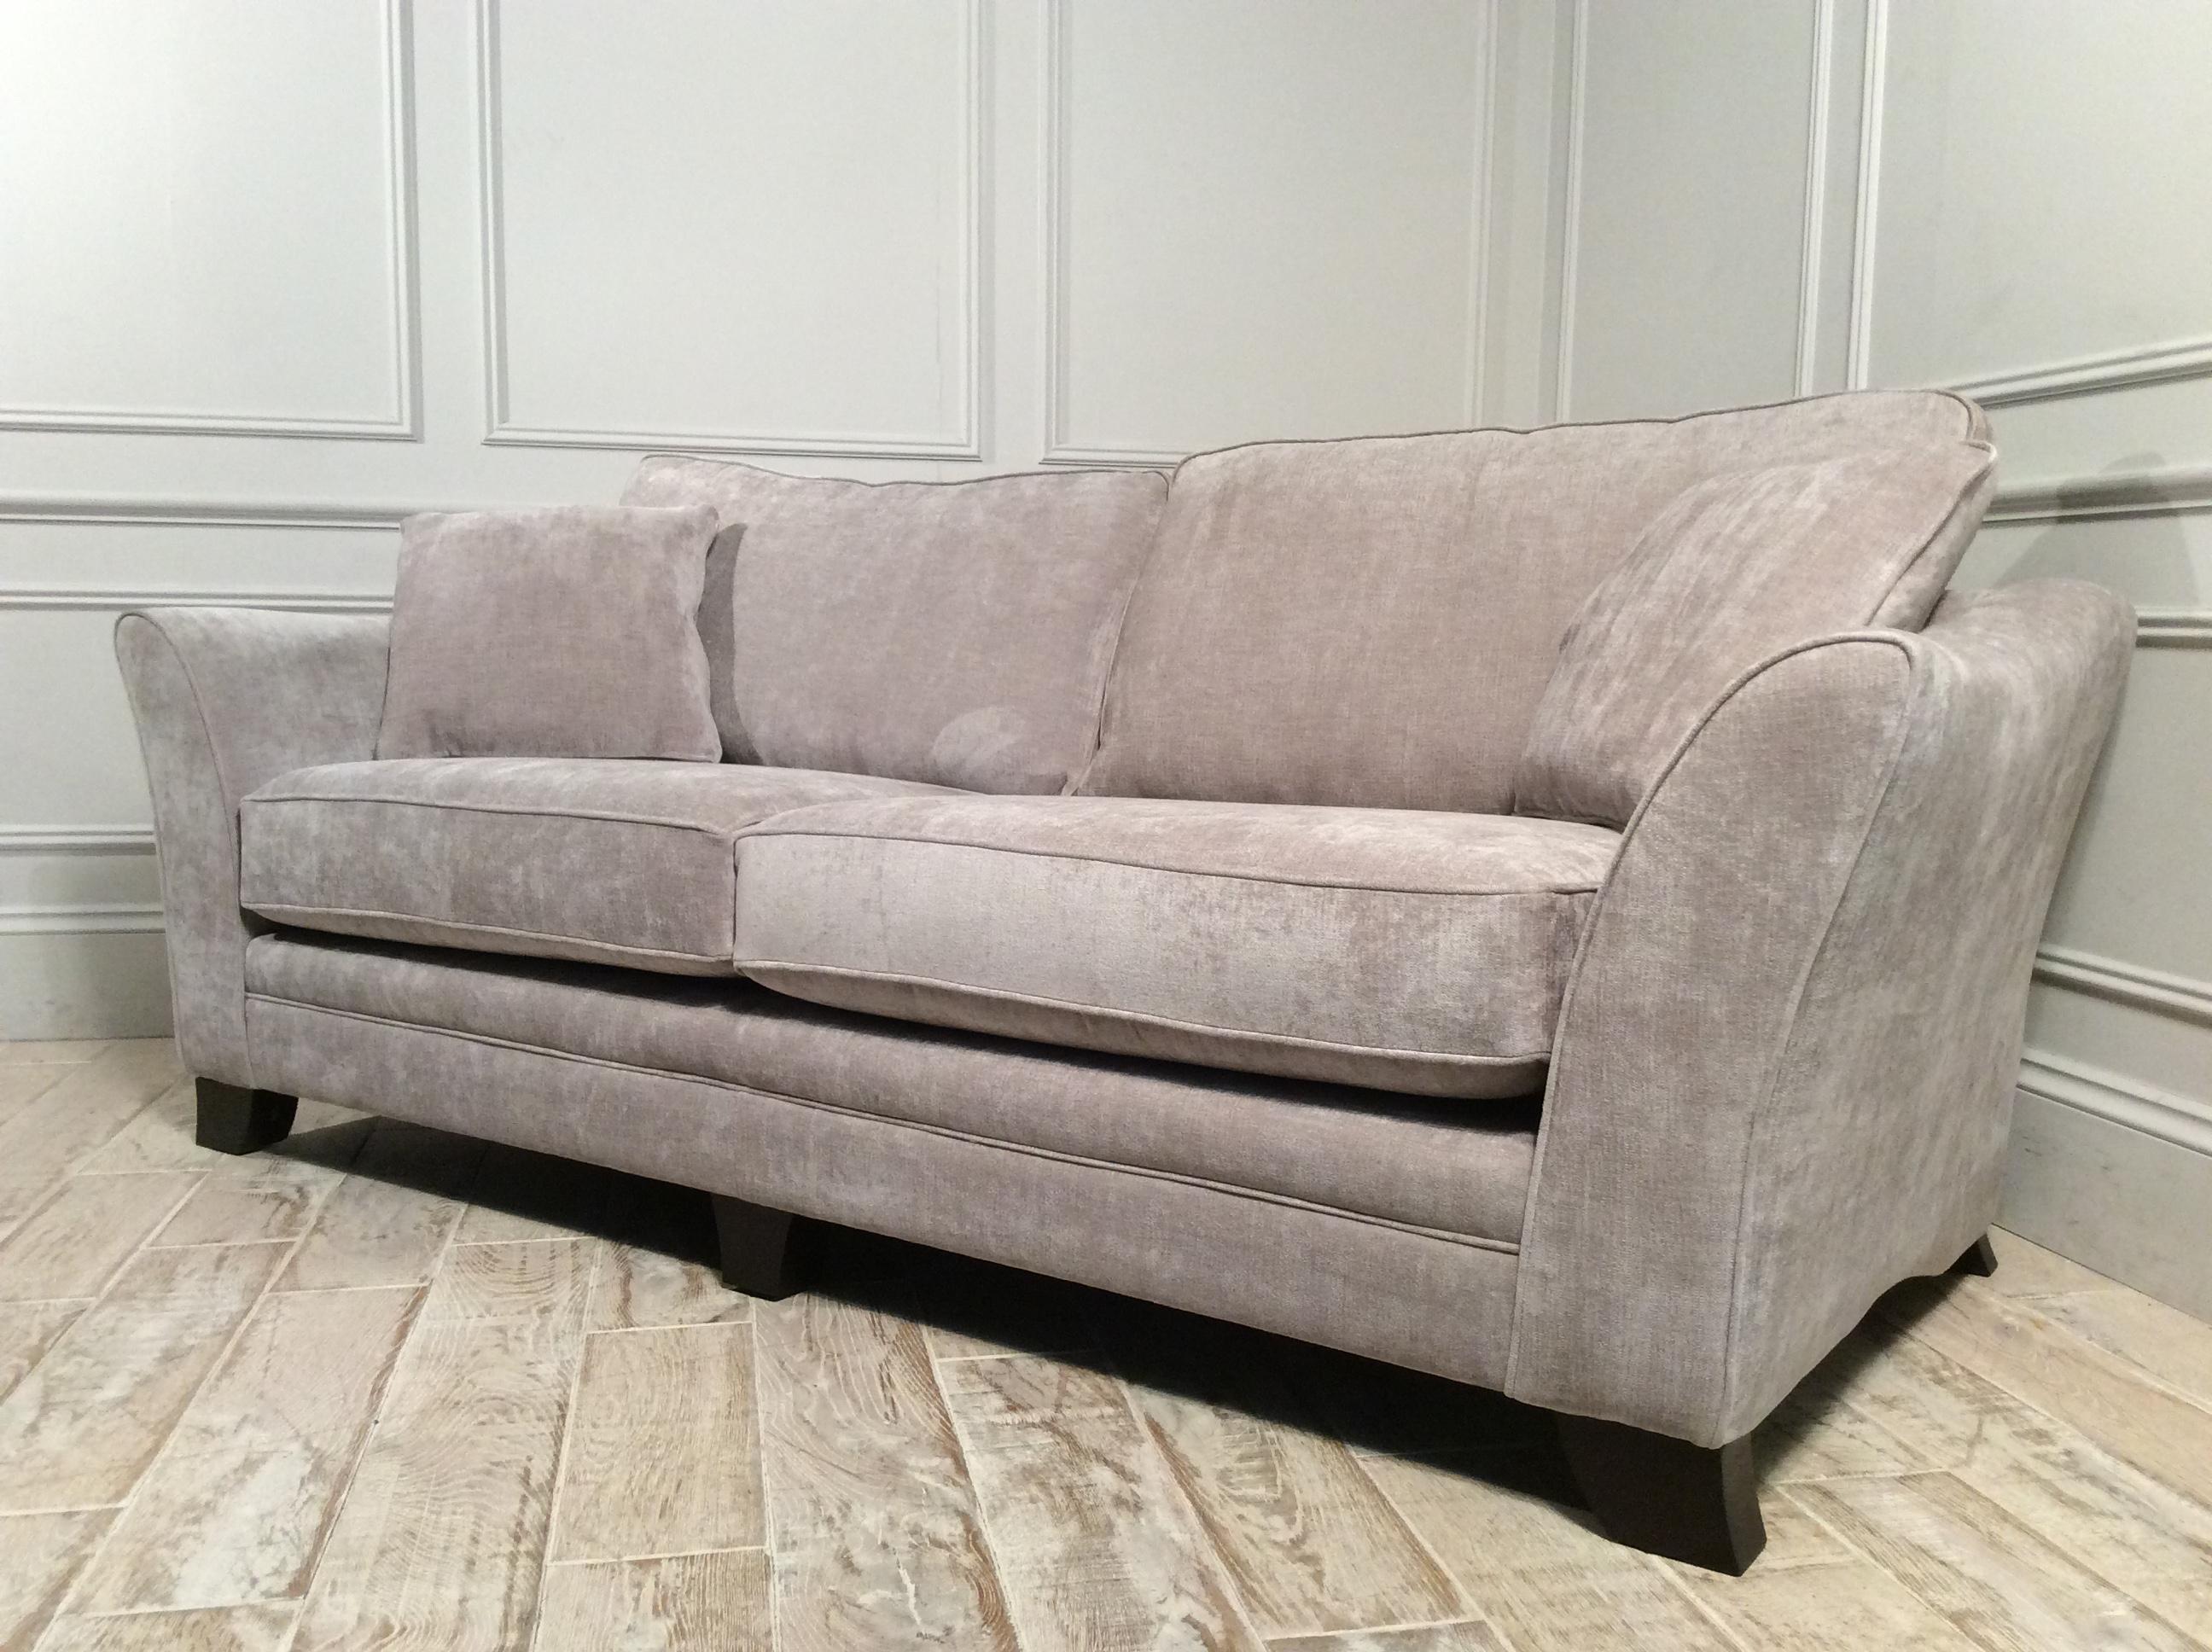 Hardy Standard Back 3 Seater in Sherlock Mink